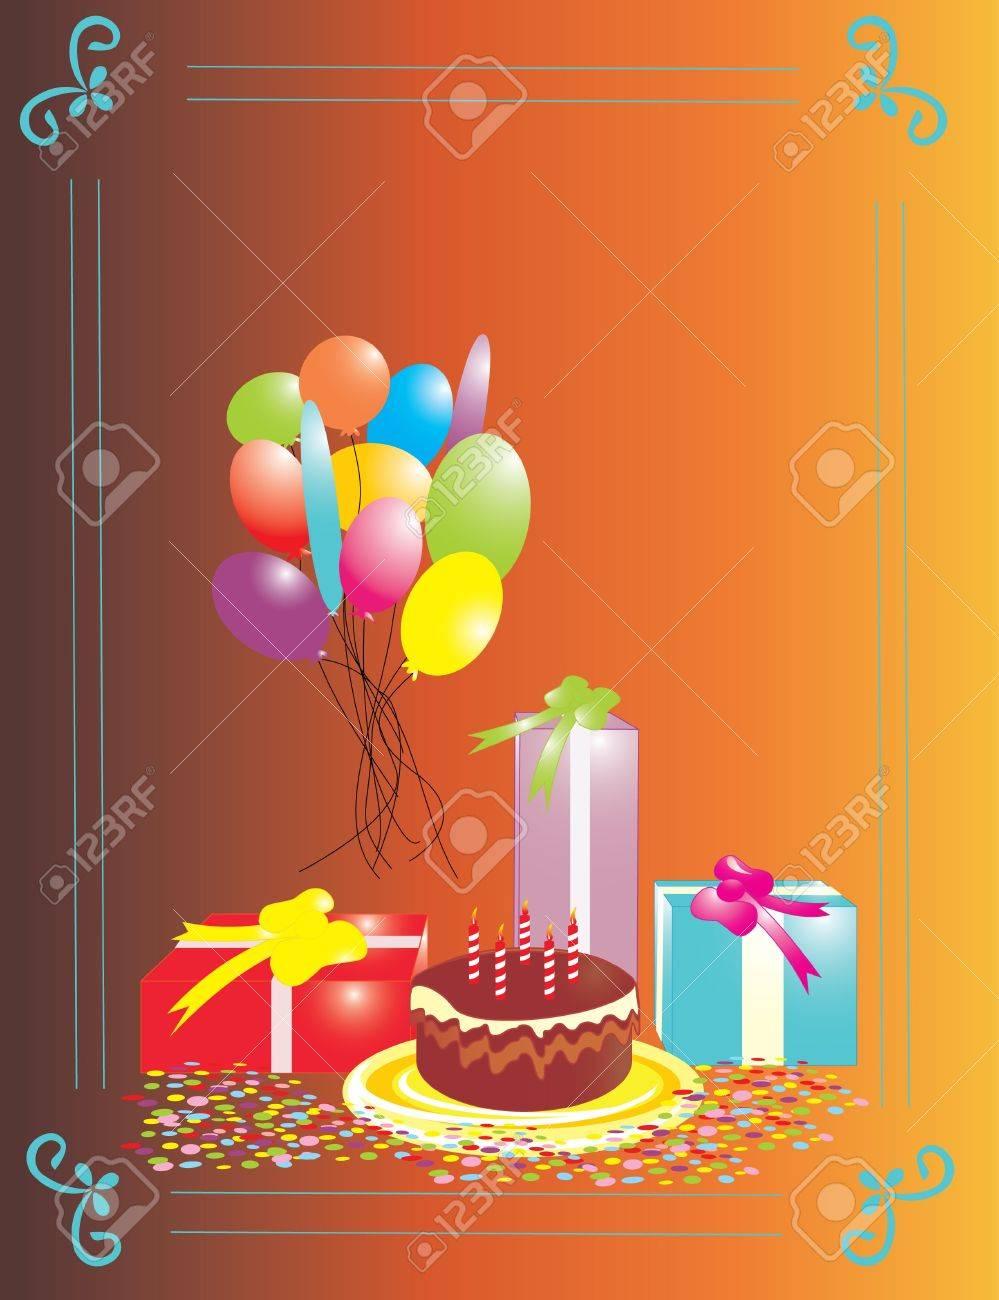 Birthday Invitation Background Royalty Free Free Business - Birthday invitation background vector